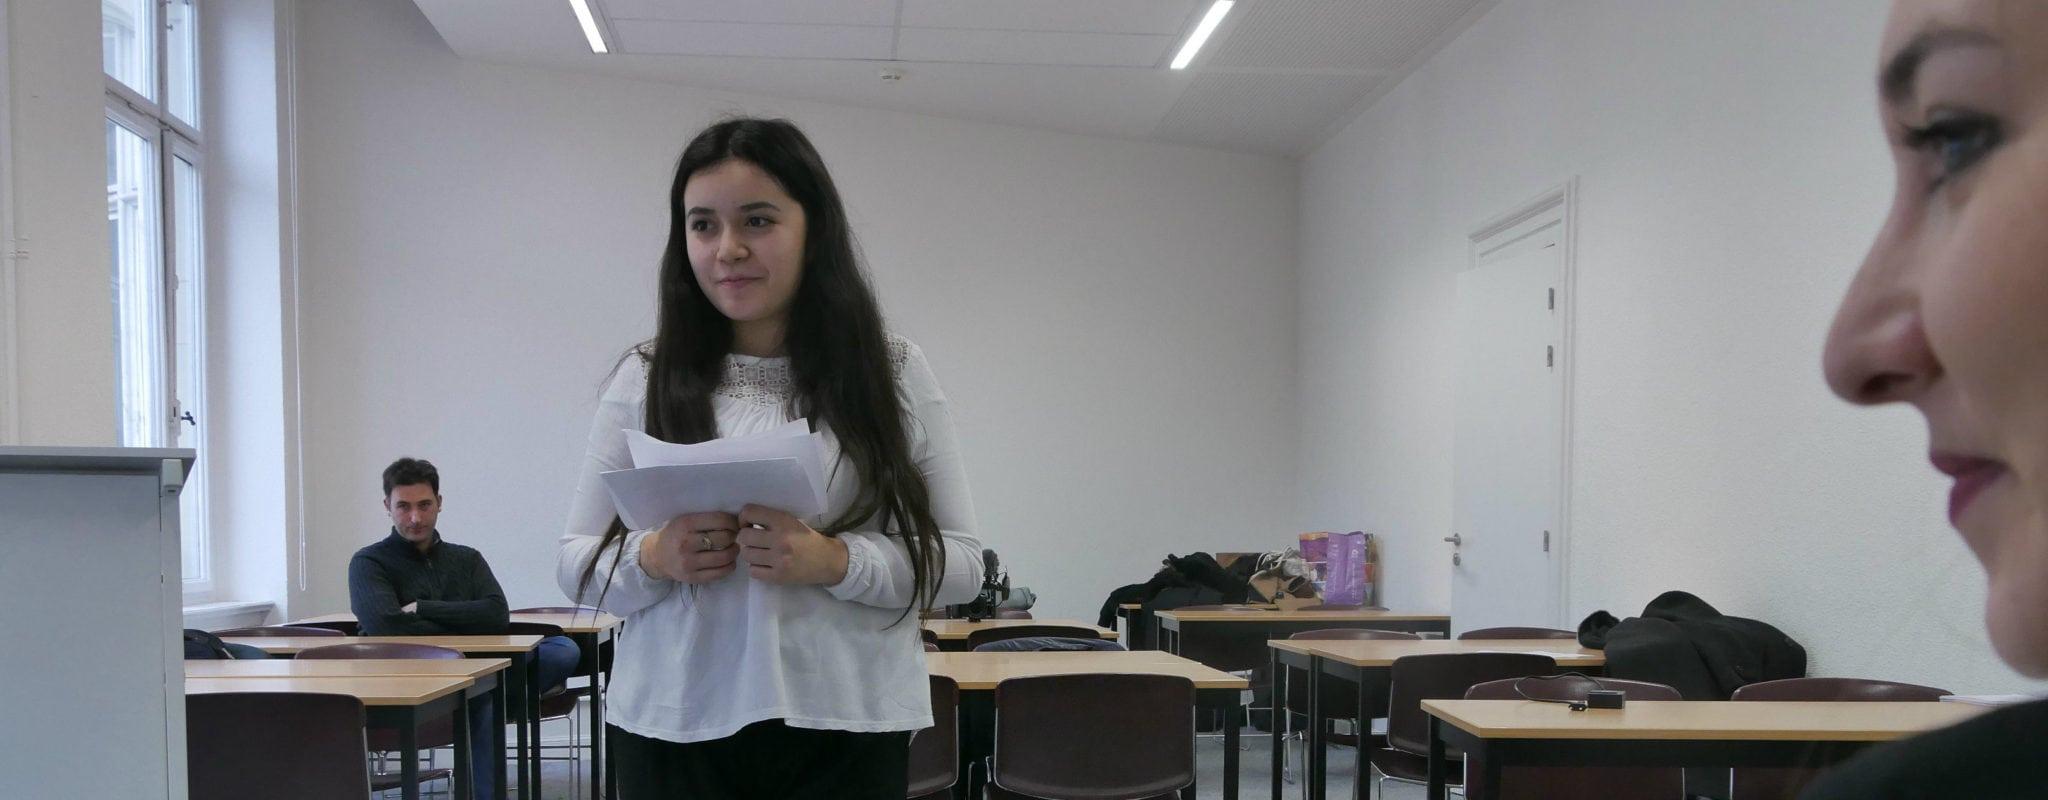 Élise, de Hautepierre à l'école des avocats le temps d'un discours